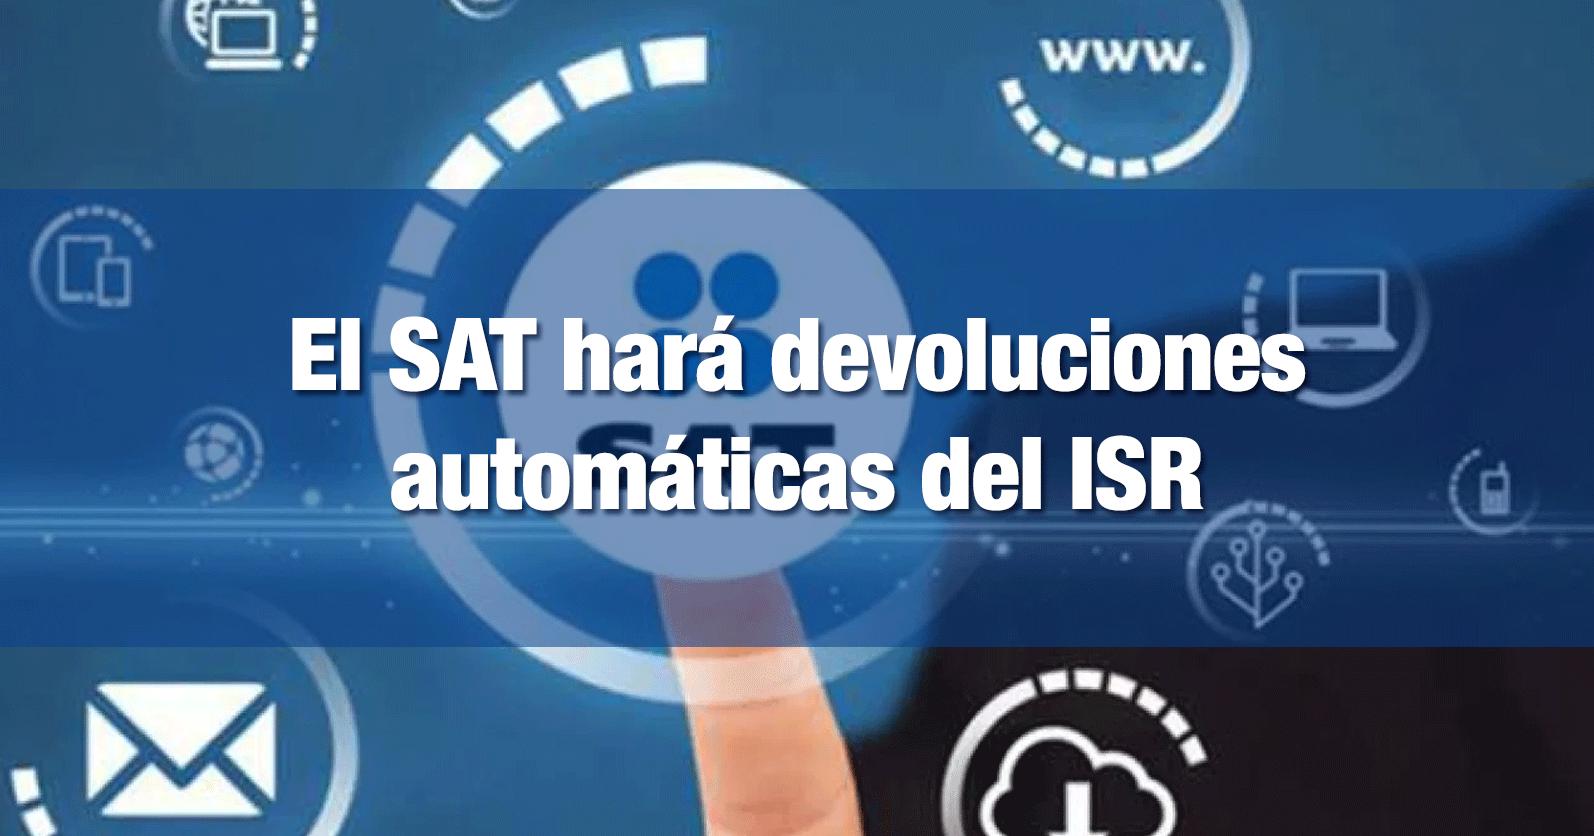 El SAT hará devoluciones automáticas del ISR